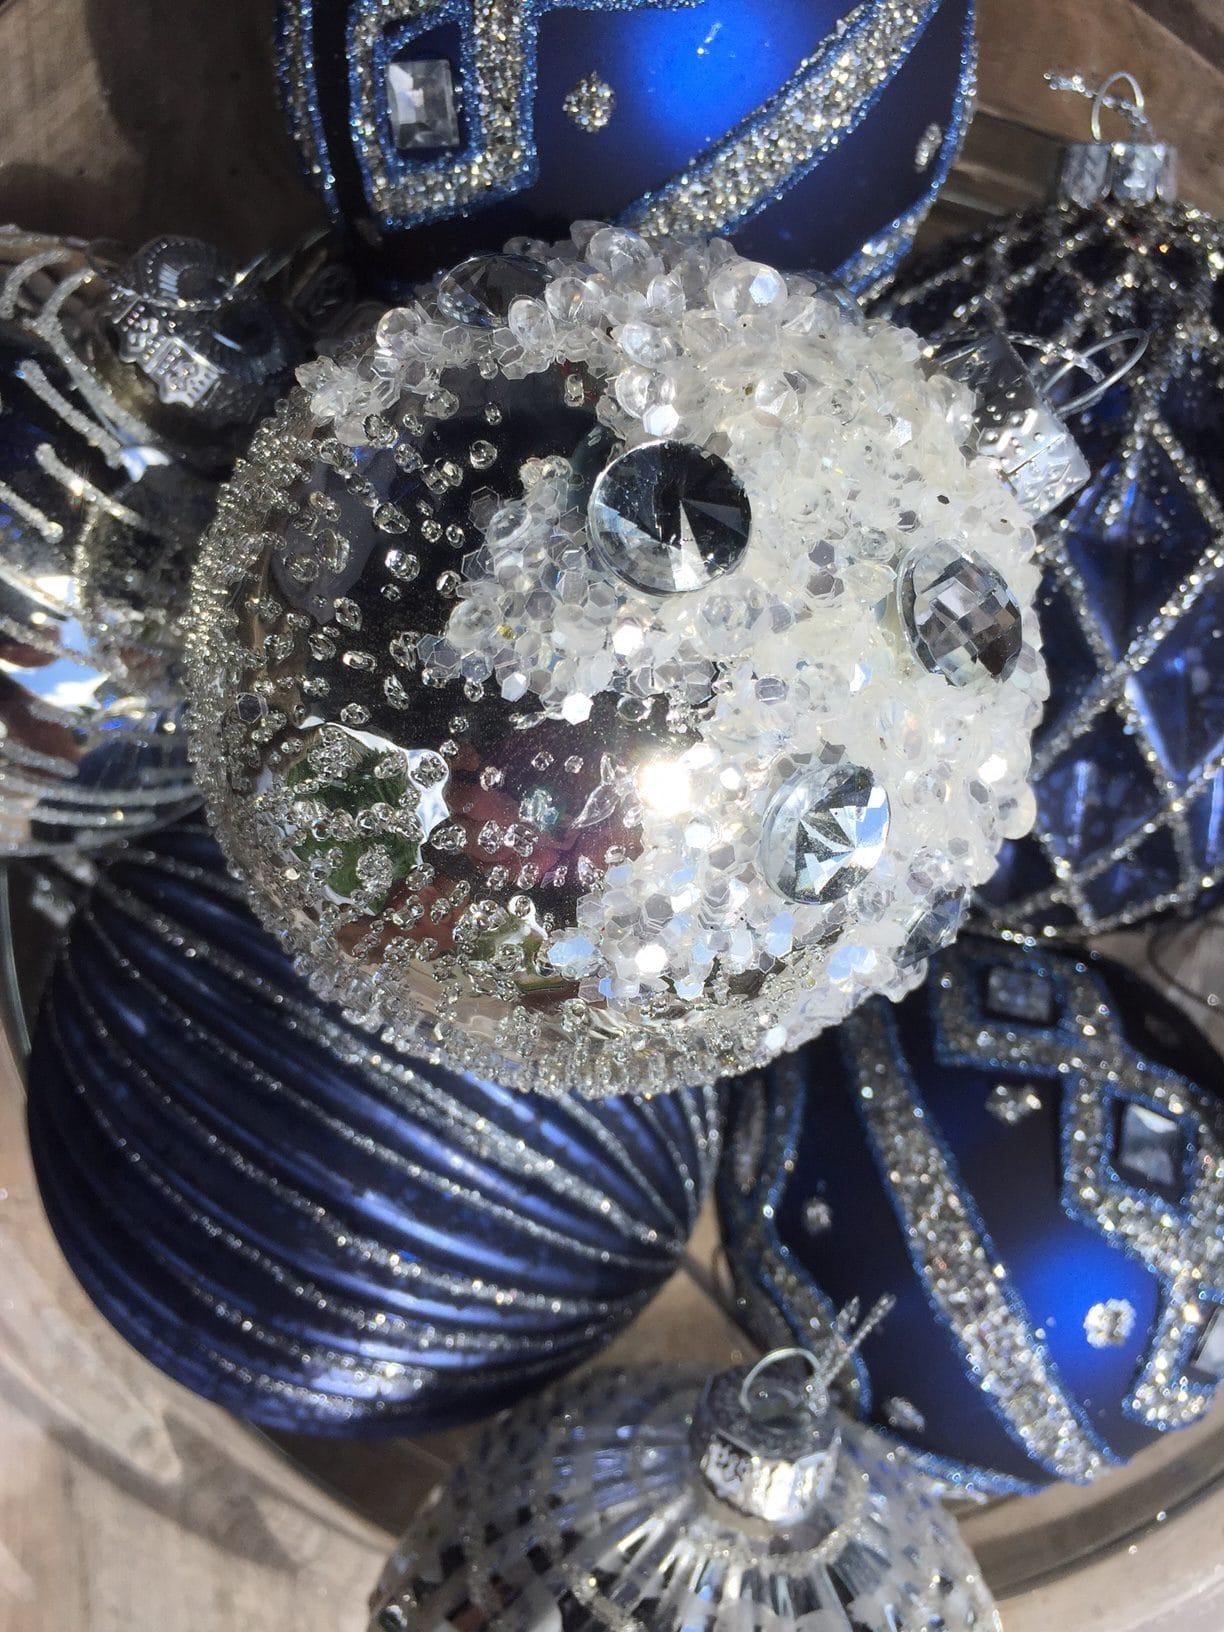 Hånd-dekorerte glass julekuler i blått og sølv